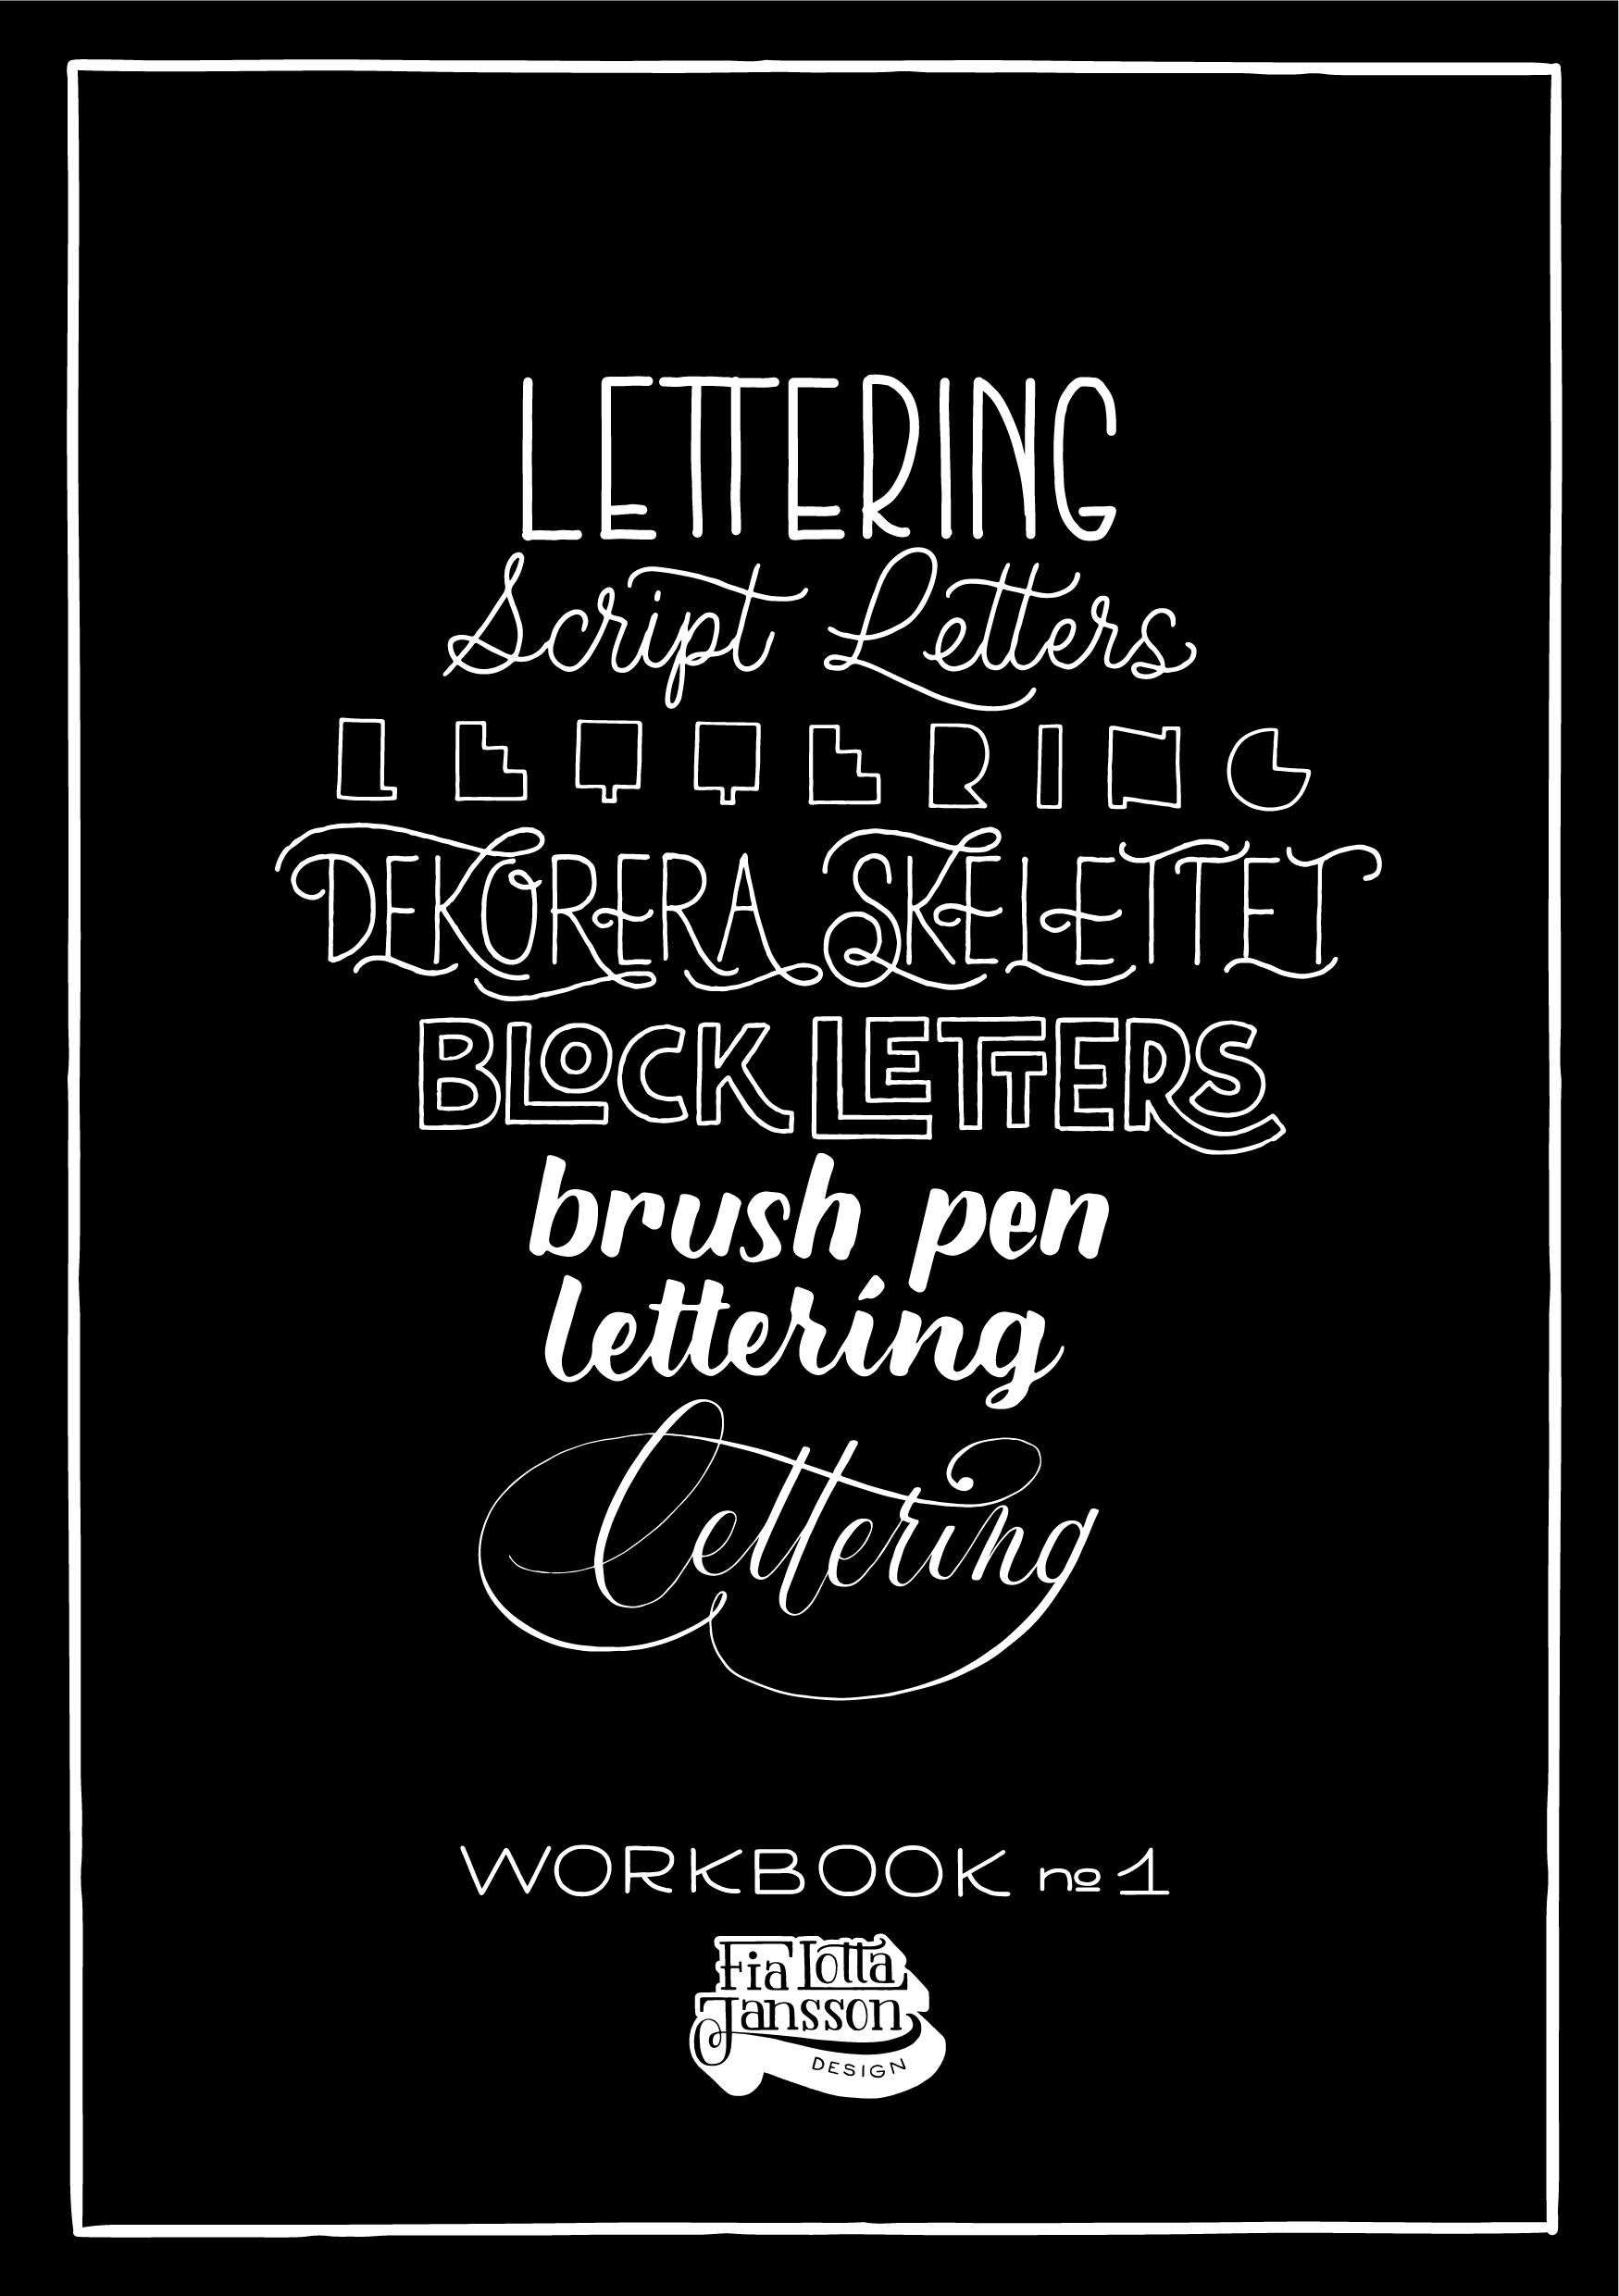 Lettering Workbook No 1 - Lekfulla och kreativa övningar skapade av bokstavsillustratör Sofie Björkgren-Näse / Fia Lotta Jansson Design.Boken för dig som vill bli inspirerad att börja med lettering – eller fortsätta bli inspirerad om du redan hållit på med lettering en tid!Blockbokstäver, Brush Lettering, dekorativa bokstavsformer, skelettbokstäver med mera. Detta är en arbetsbok som du ska rita och klottra i! Boken innehåller 105 sidor, med randigt, prickigt och blankt papper i Munken Polar från Arctic Paper, vilket är ett skönt och bra papper att rita påMjukpärm och öppen bindning – riktigt snygg när den ligger framme. Men låt den inte ligga för länge, den ska ju användas!Lettering Workbook No 1 finns att köpas hosPen Store (både i webshop och i butik)Rum för Papper, GöteborgPostmuseums museishop, Gamla Stan, SthlmJakobstads Bokhandel, Jakobstad